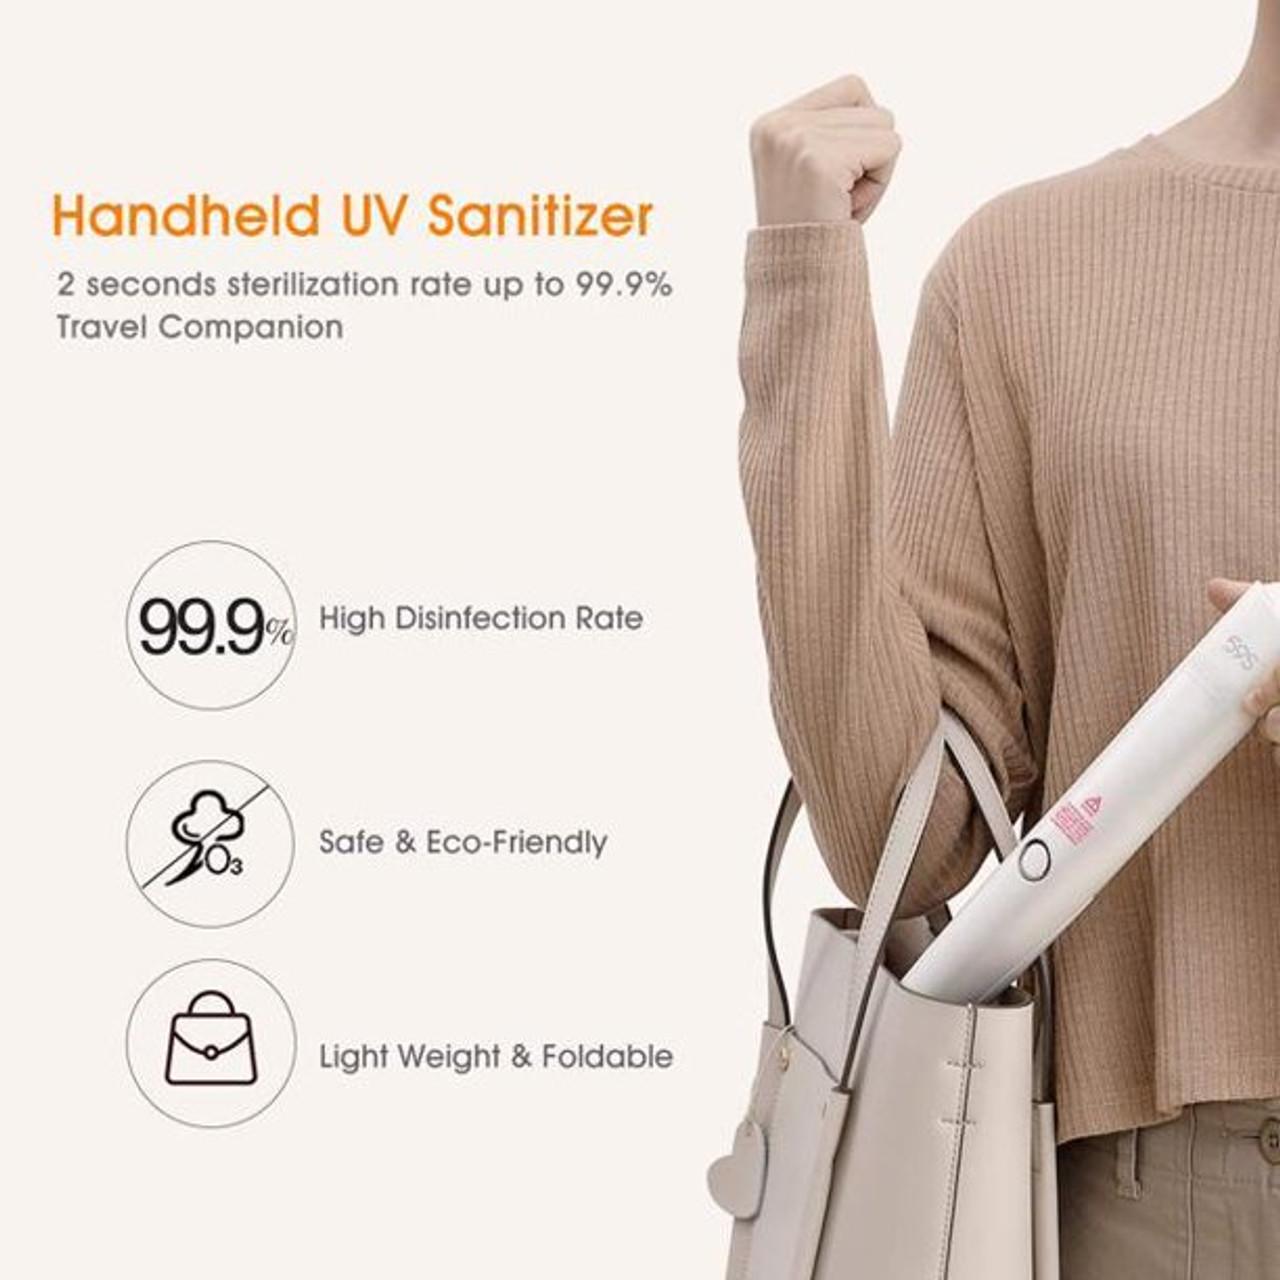 UVC Light Sanitizing Wand